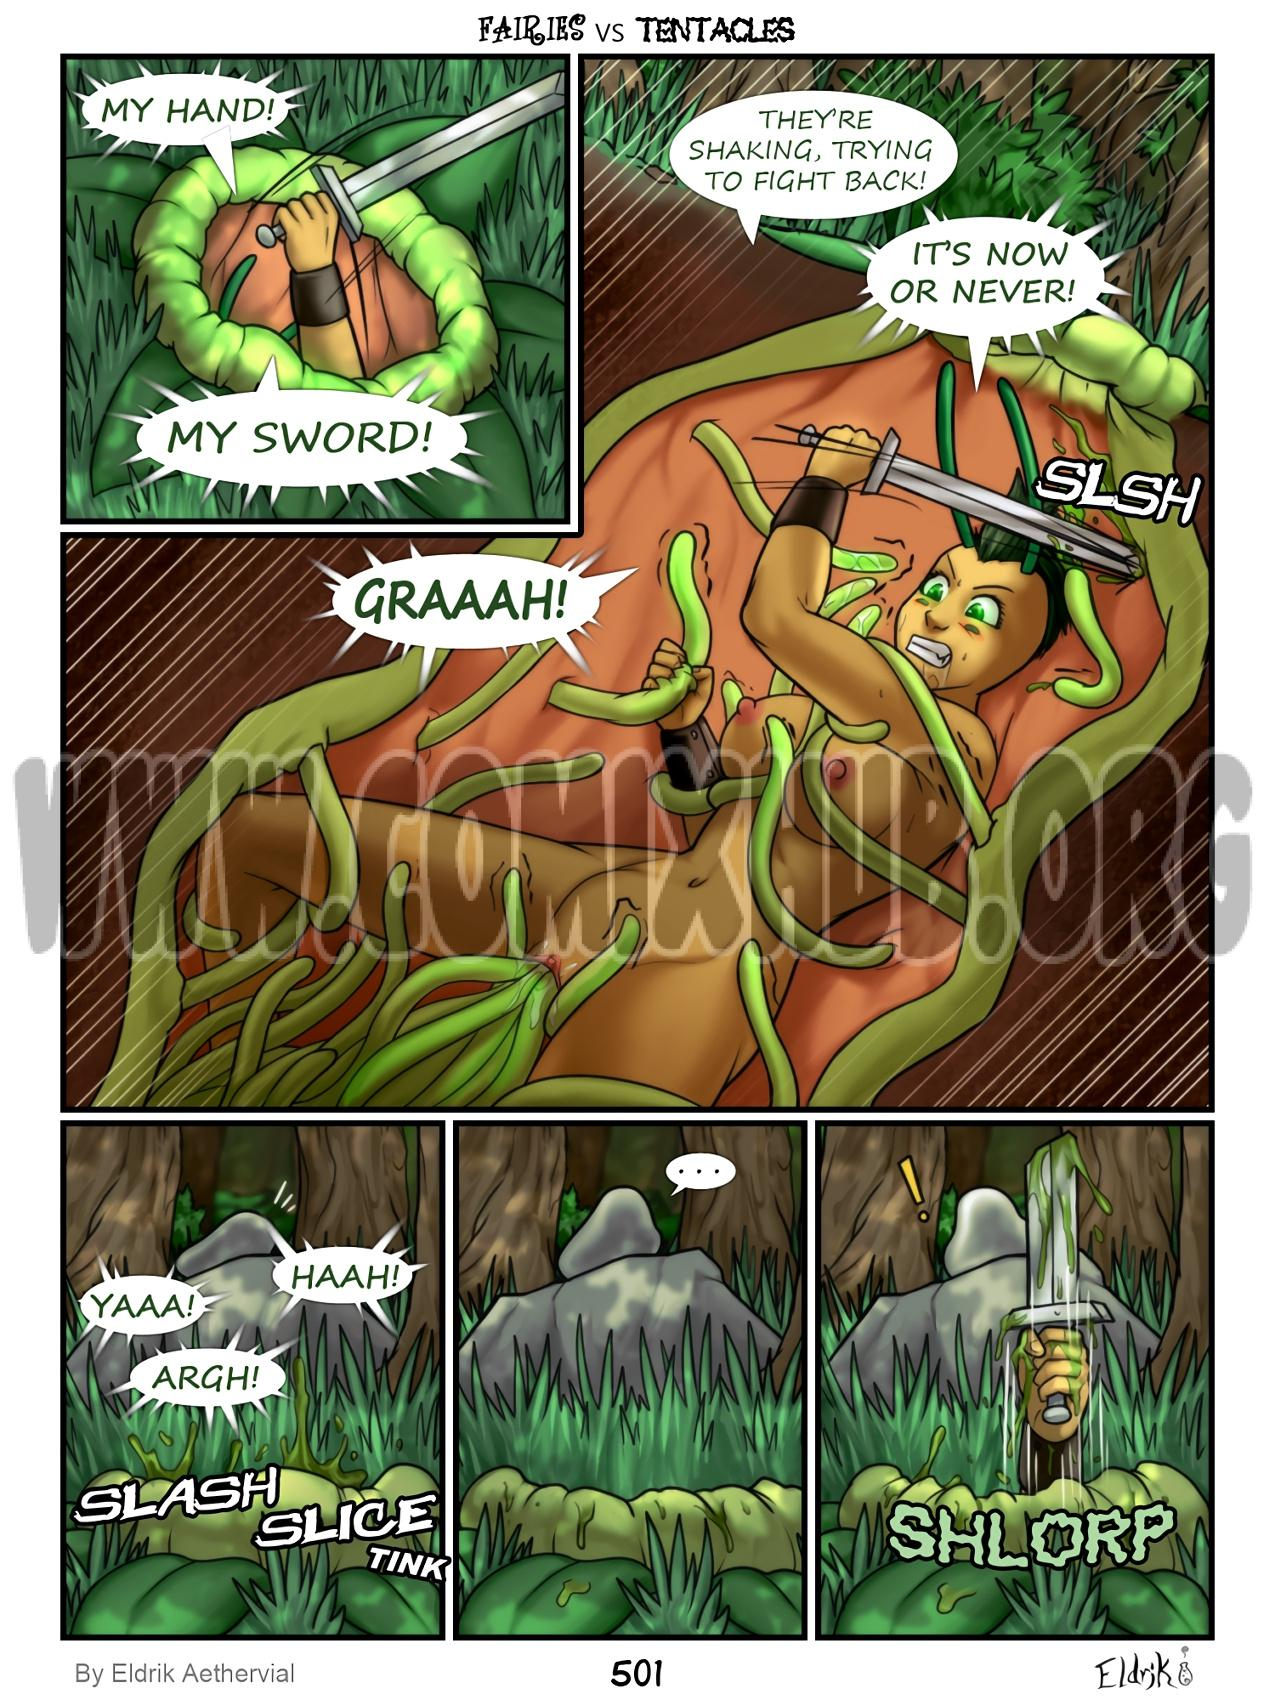 Fairies vs Tentacles 6-7 sex comics Fantasy